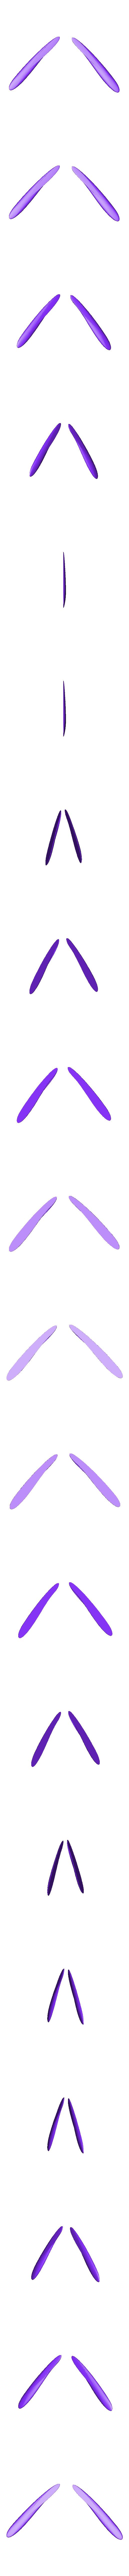 Romulan_ridges_v2.stl Download free STL file Romulan ridges • Model to 3D print, poblocki1982